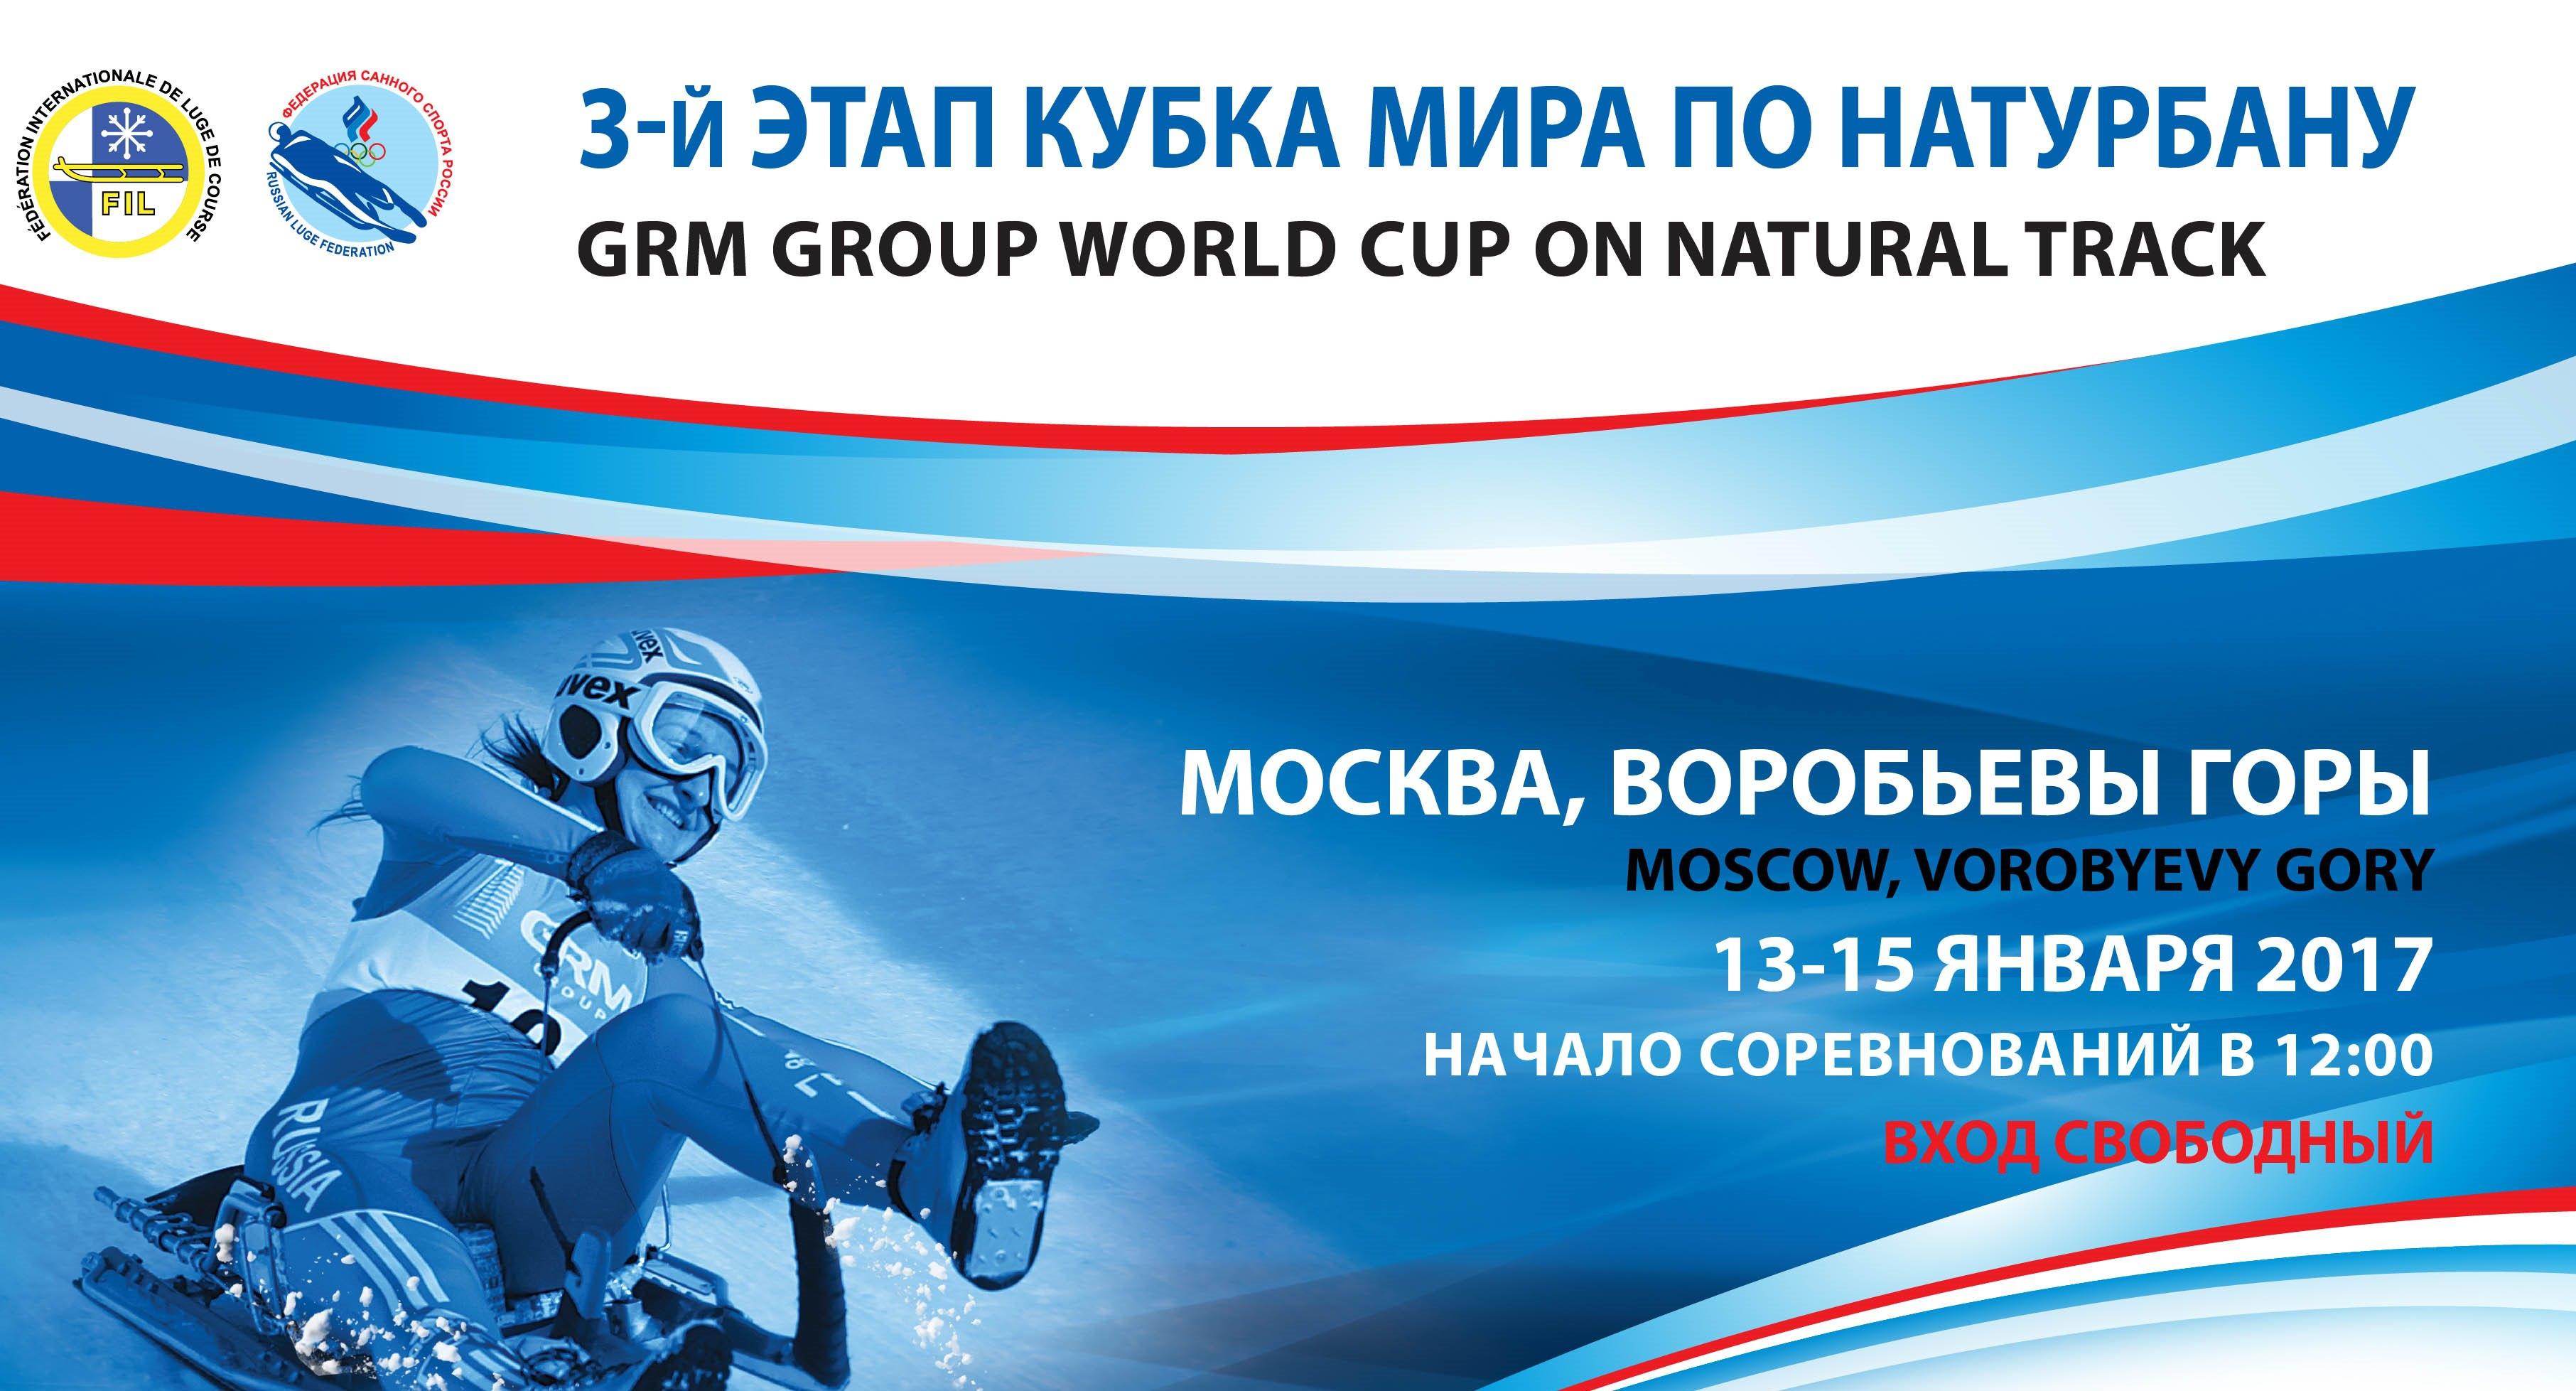 В столице России пройдет этап Кубка мира понатурбану